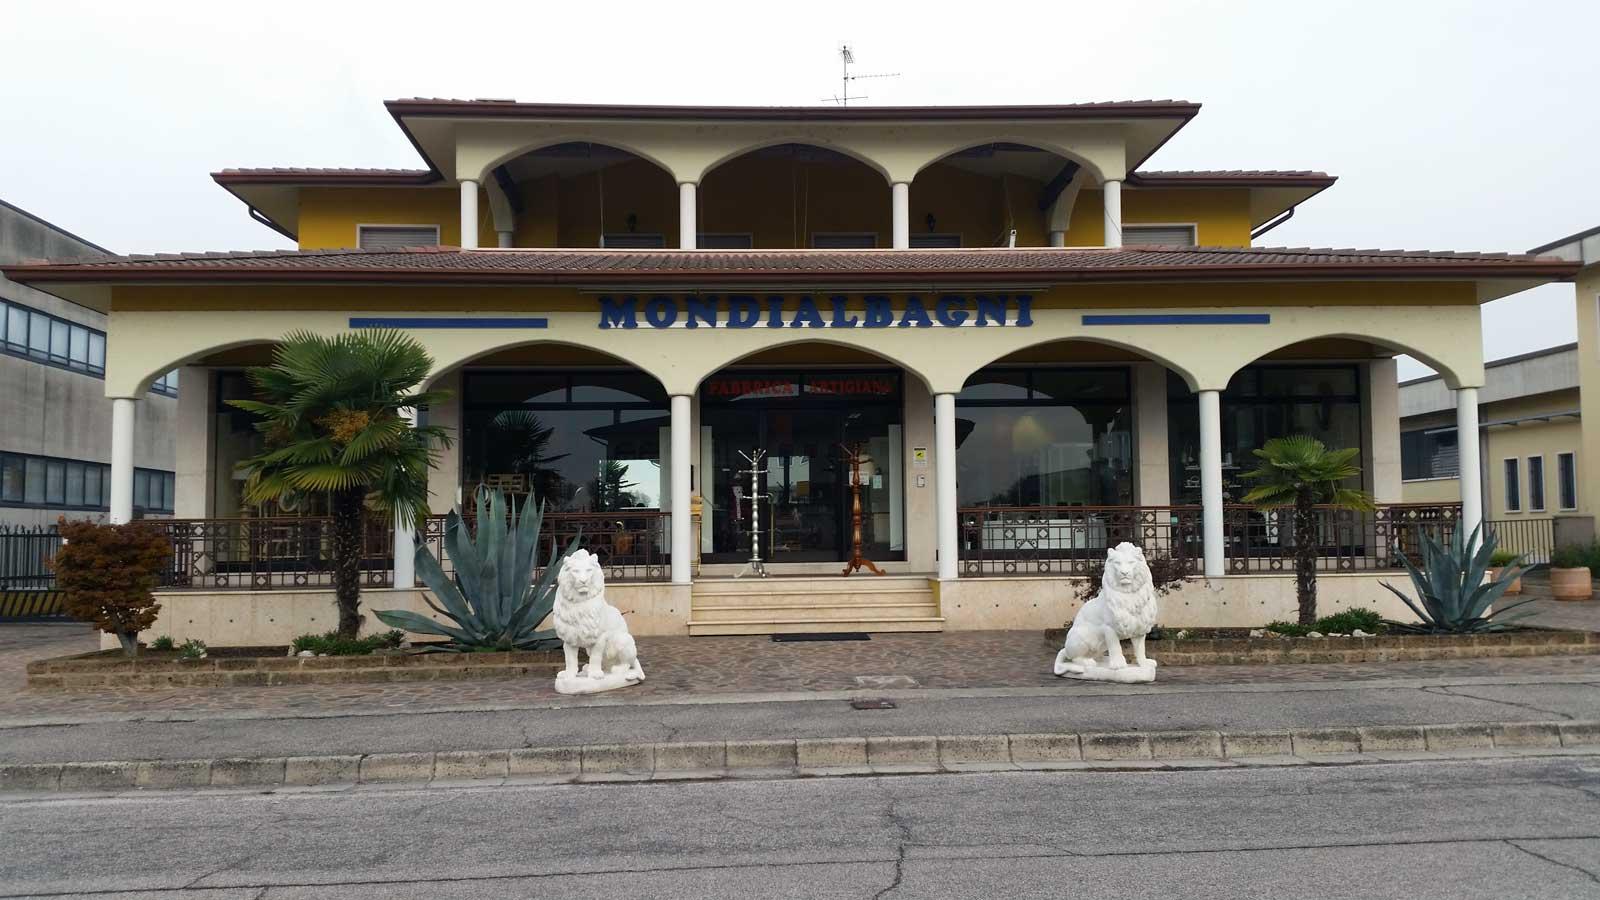 fabbrica mobili bagno | sweetwaterrescue - Arredo Bagno Palermo E Provincia